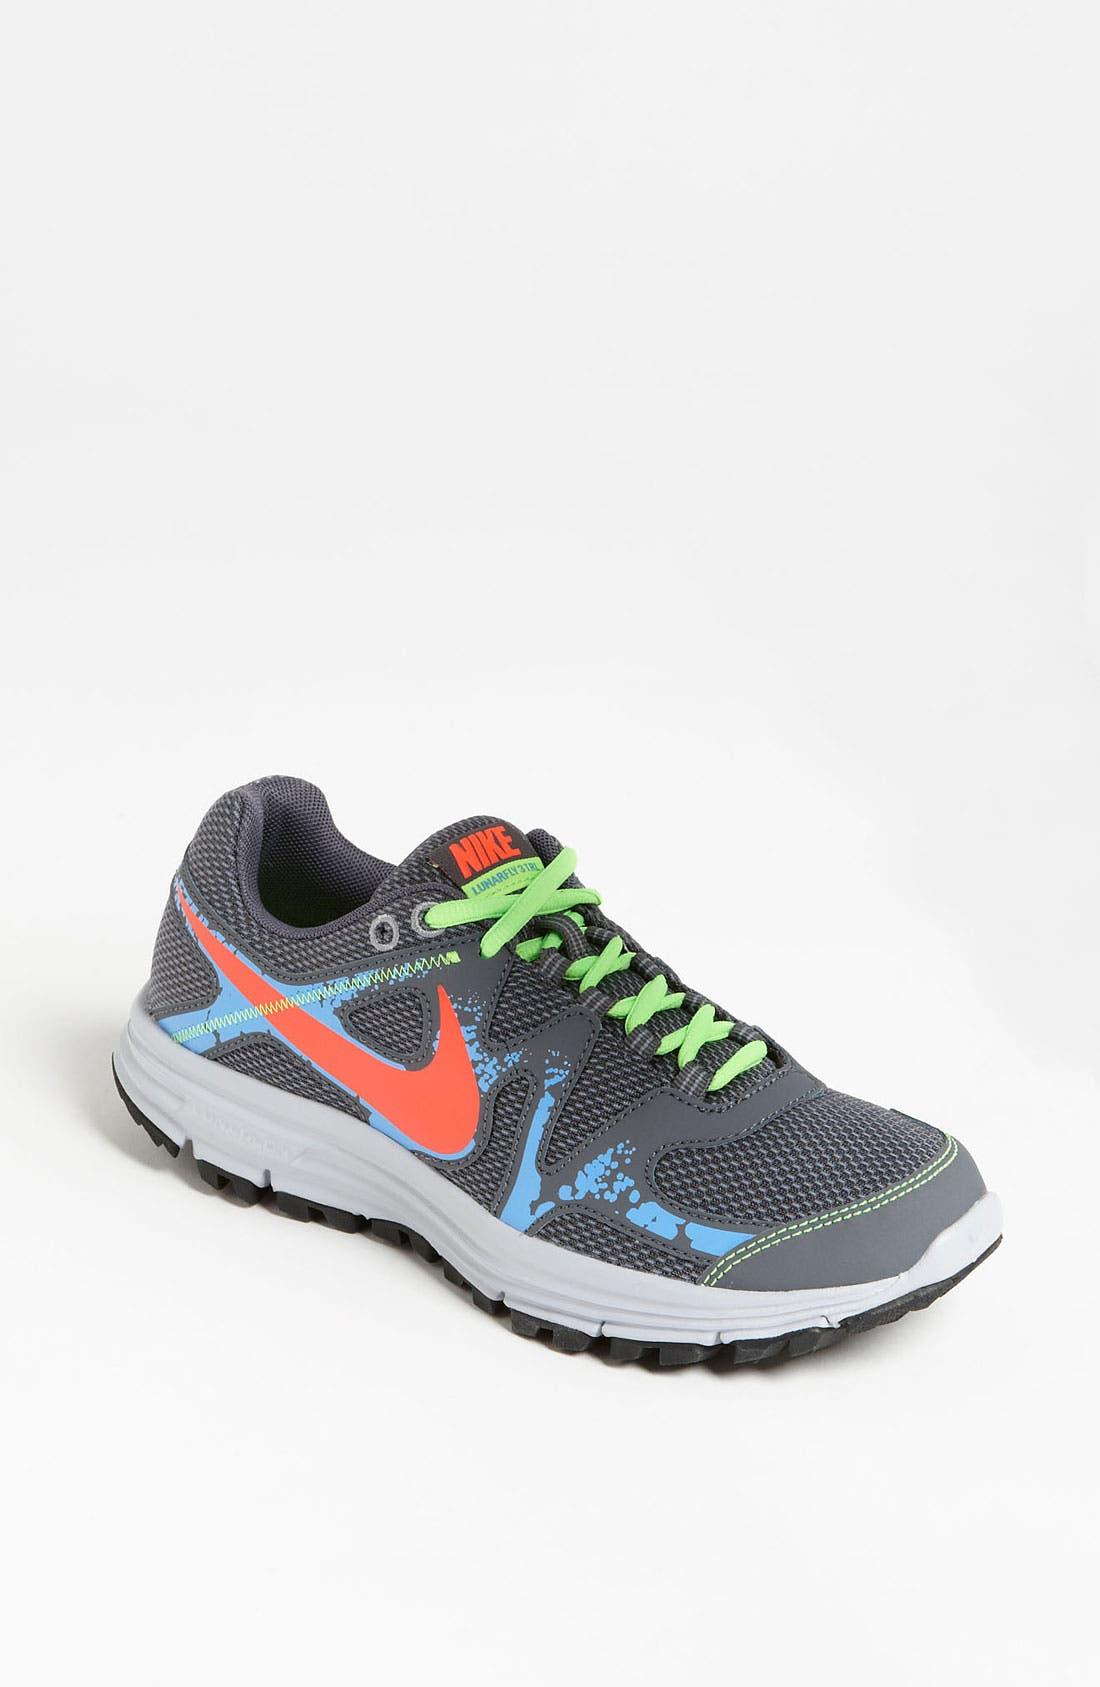 Main Image - Nike 'Lunarfly+ 3 Trail' Running Shoe (Women)